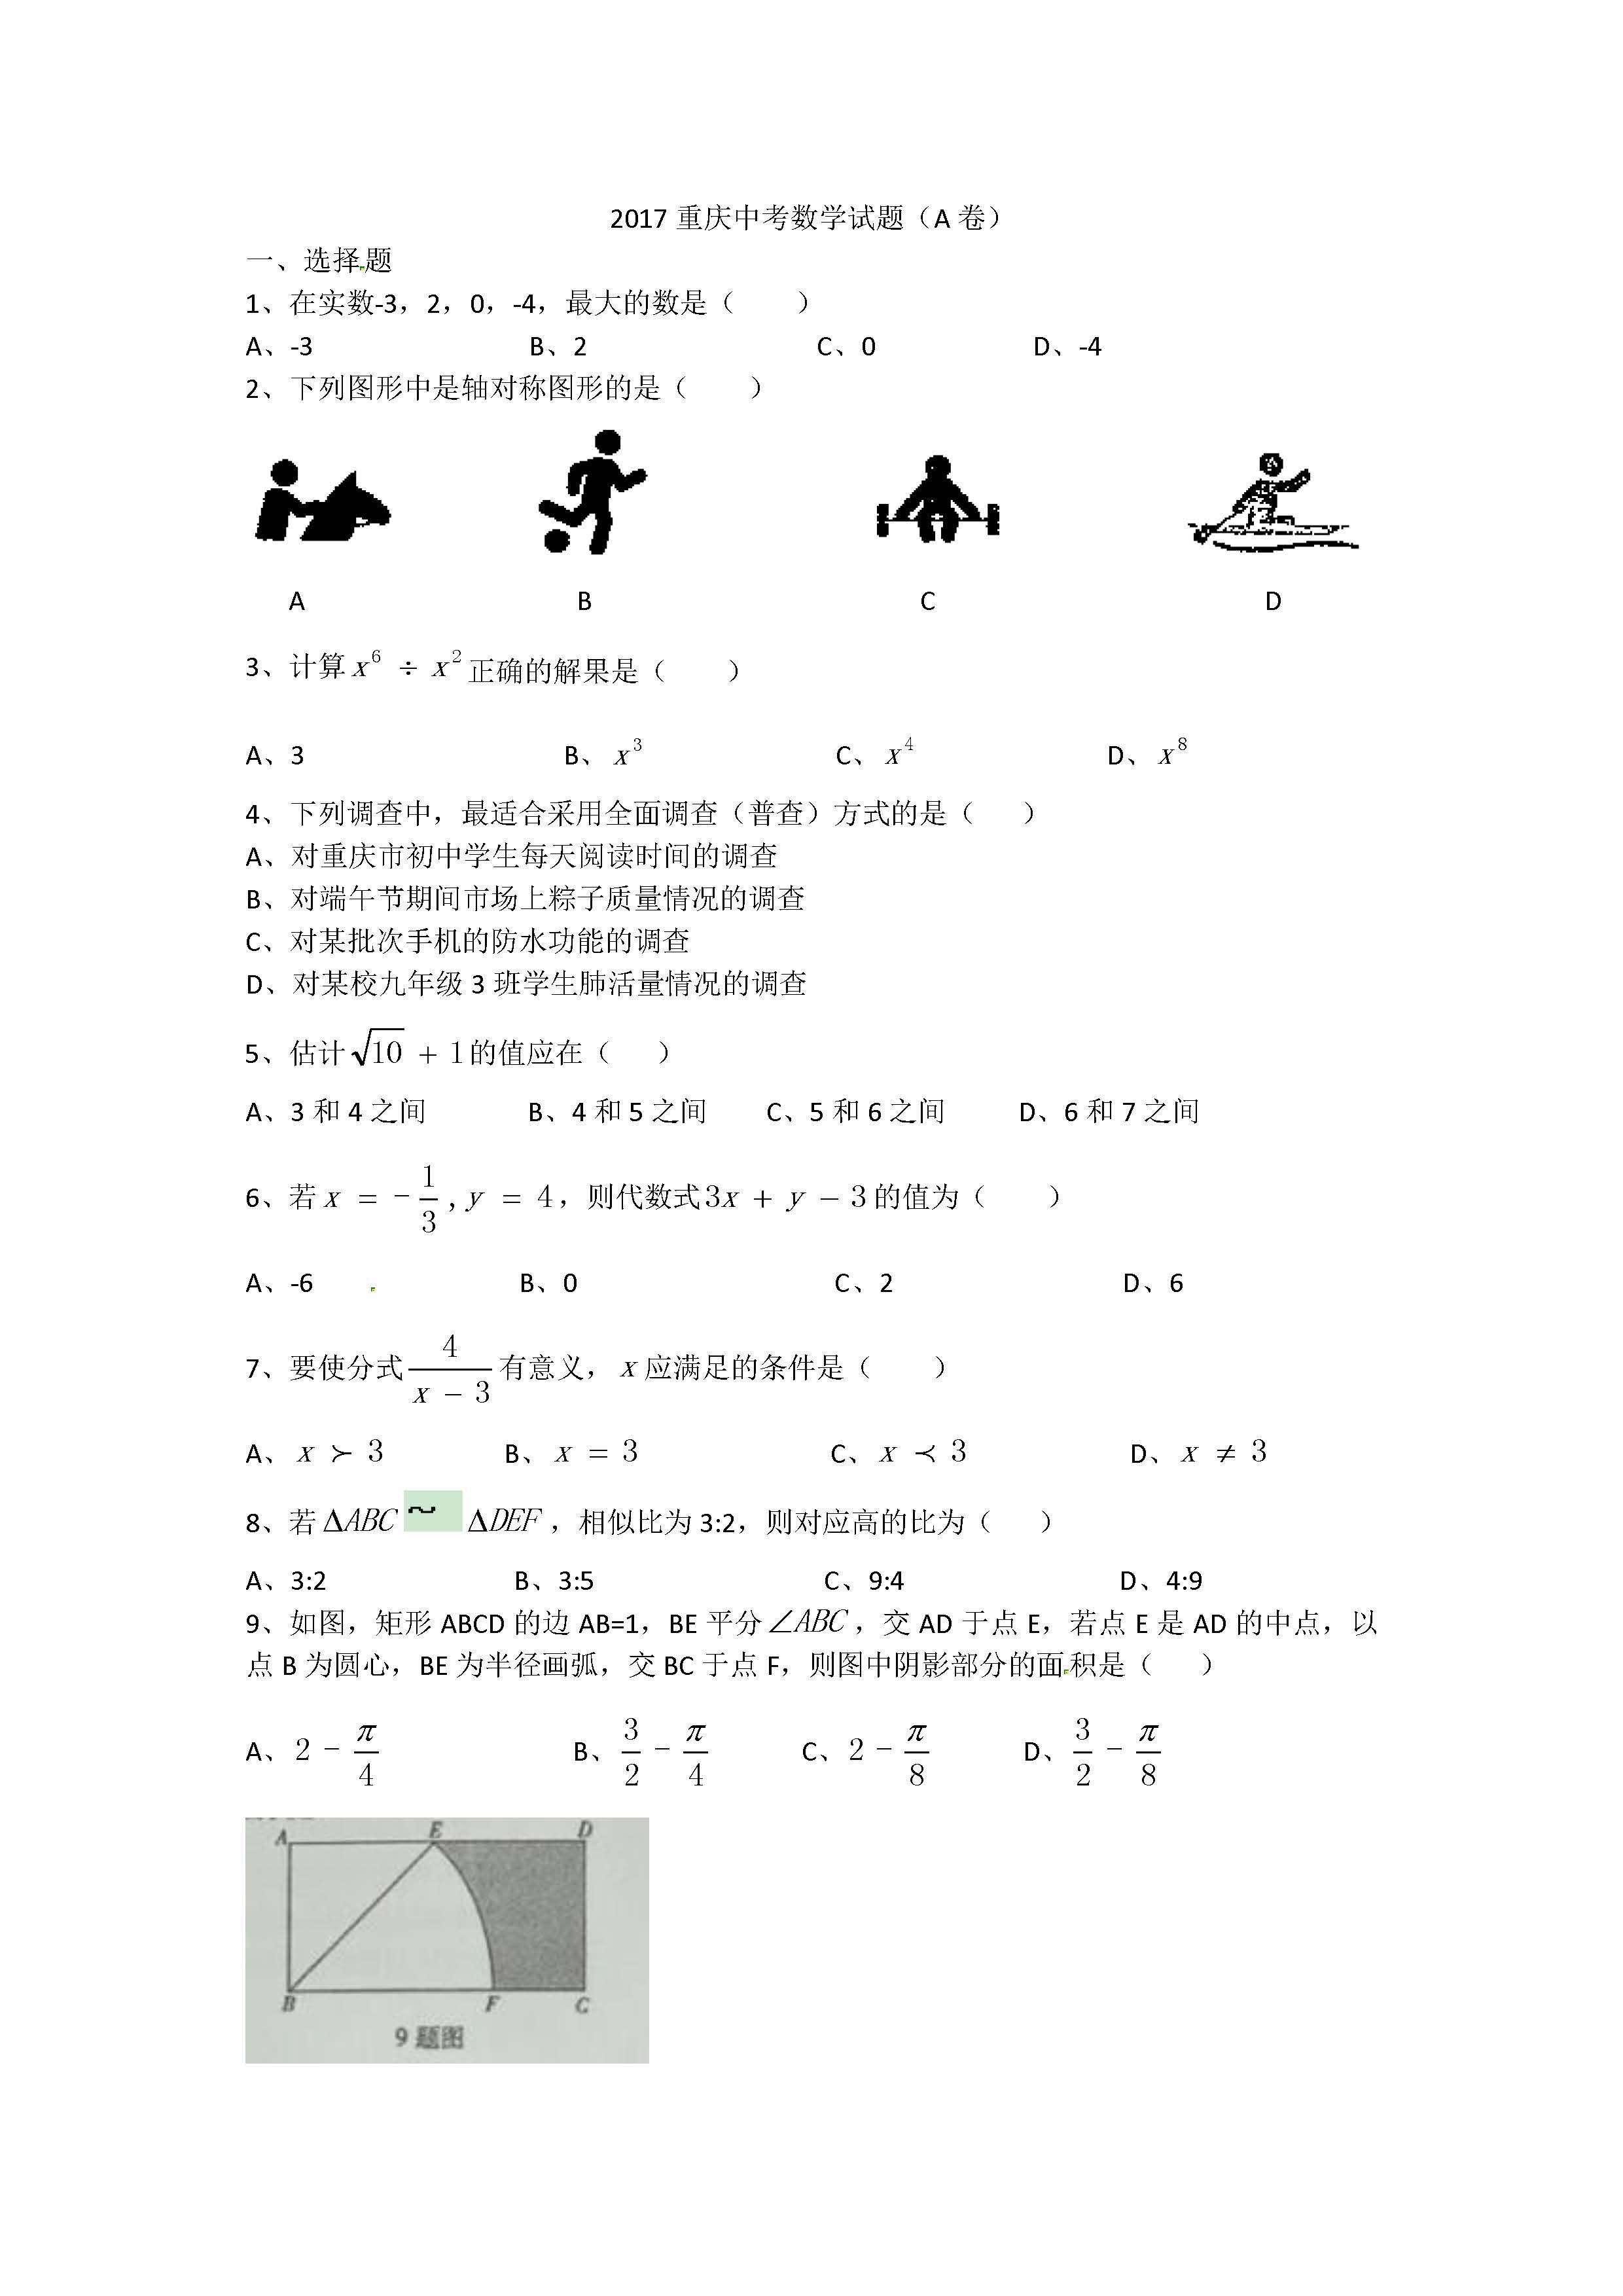 2017重庆中考数学A卷试题及答案解析(word版含答案)